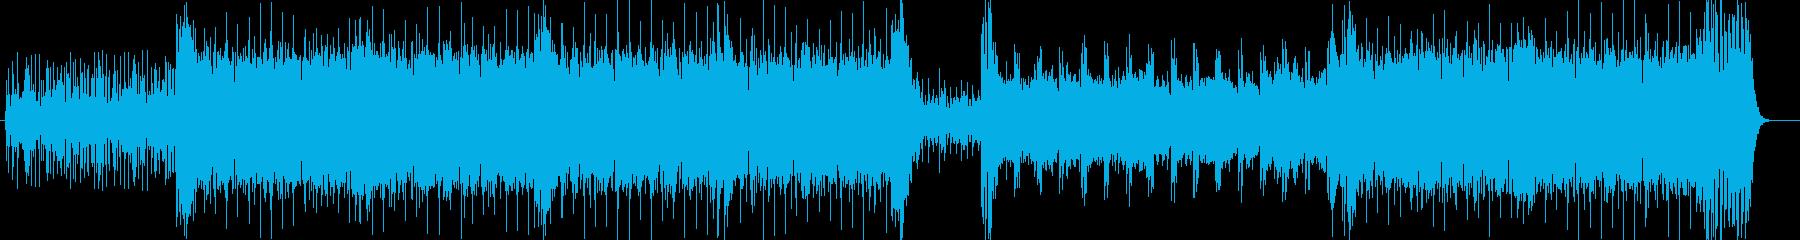 ドキドキと勢いのシンセサイザーなどの曲の再生済みの波形